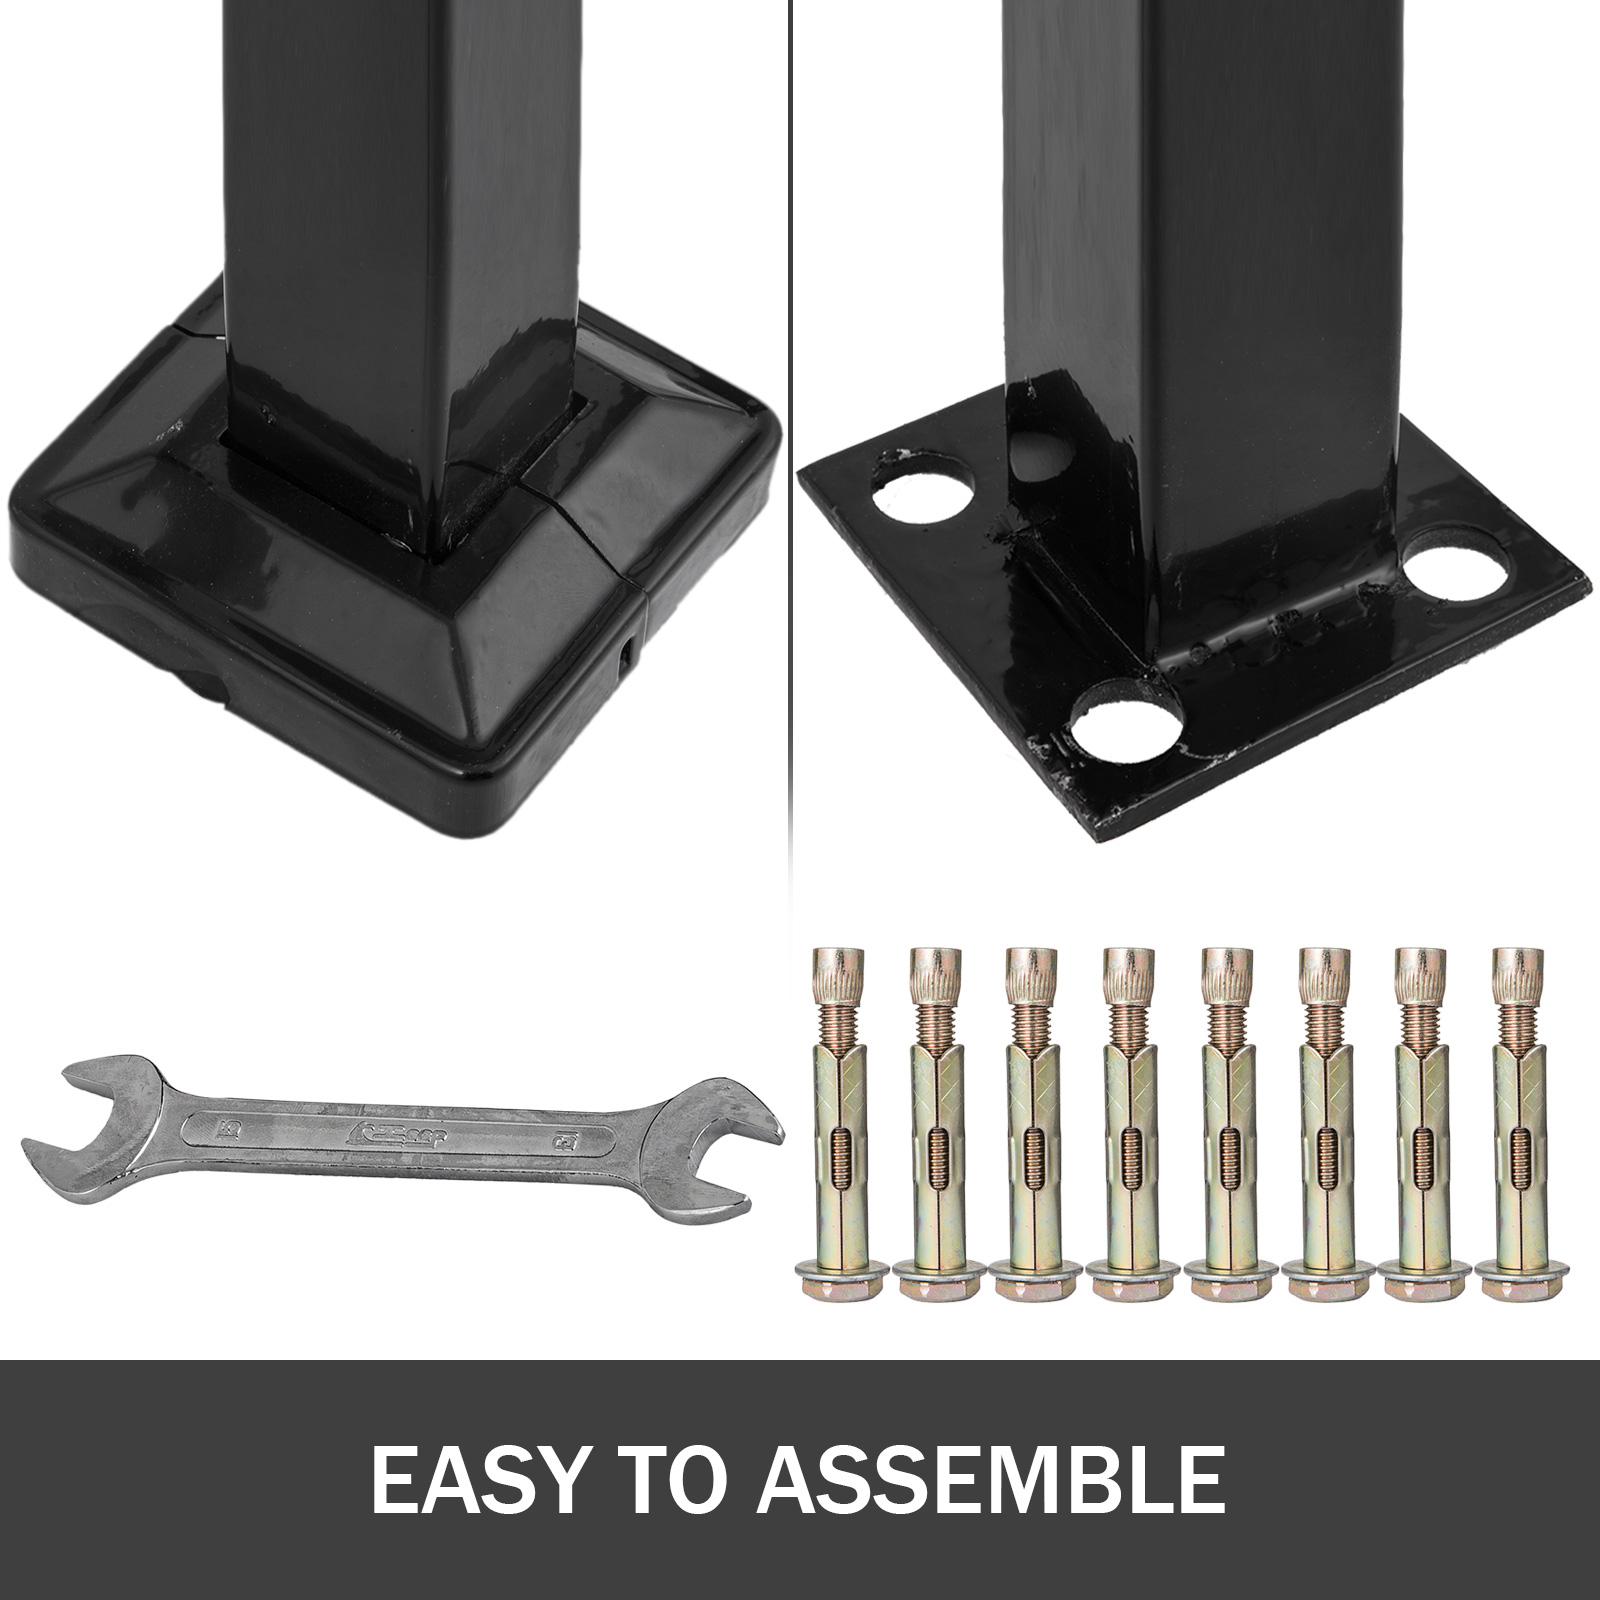 Rampe D Escalier Arche 2 3 Marches Balustrade Noir Mat Accessoires Inclus Hotels Ebay